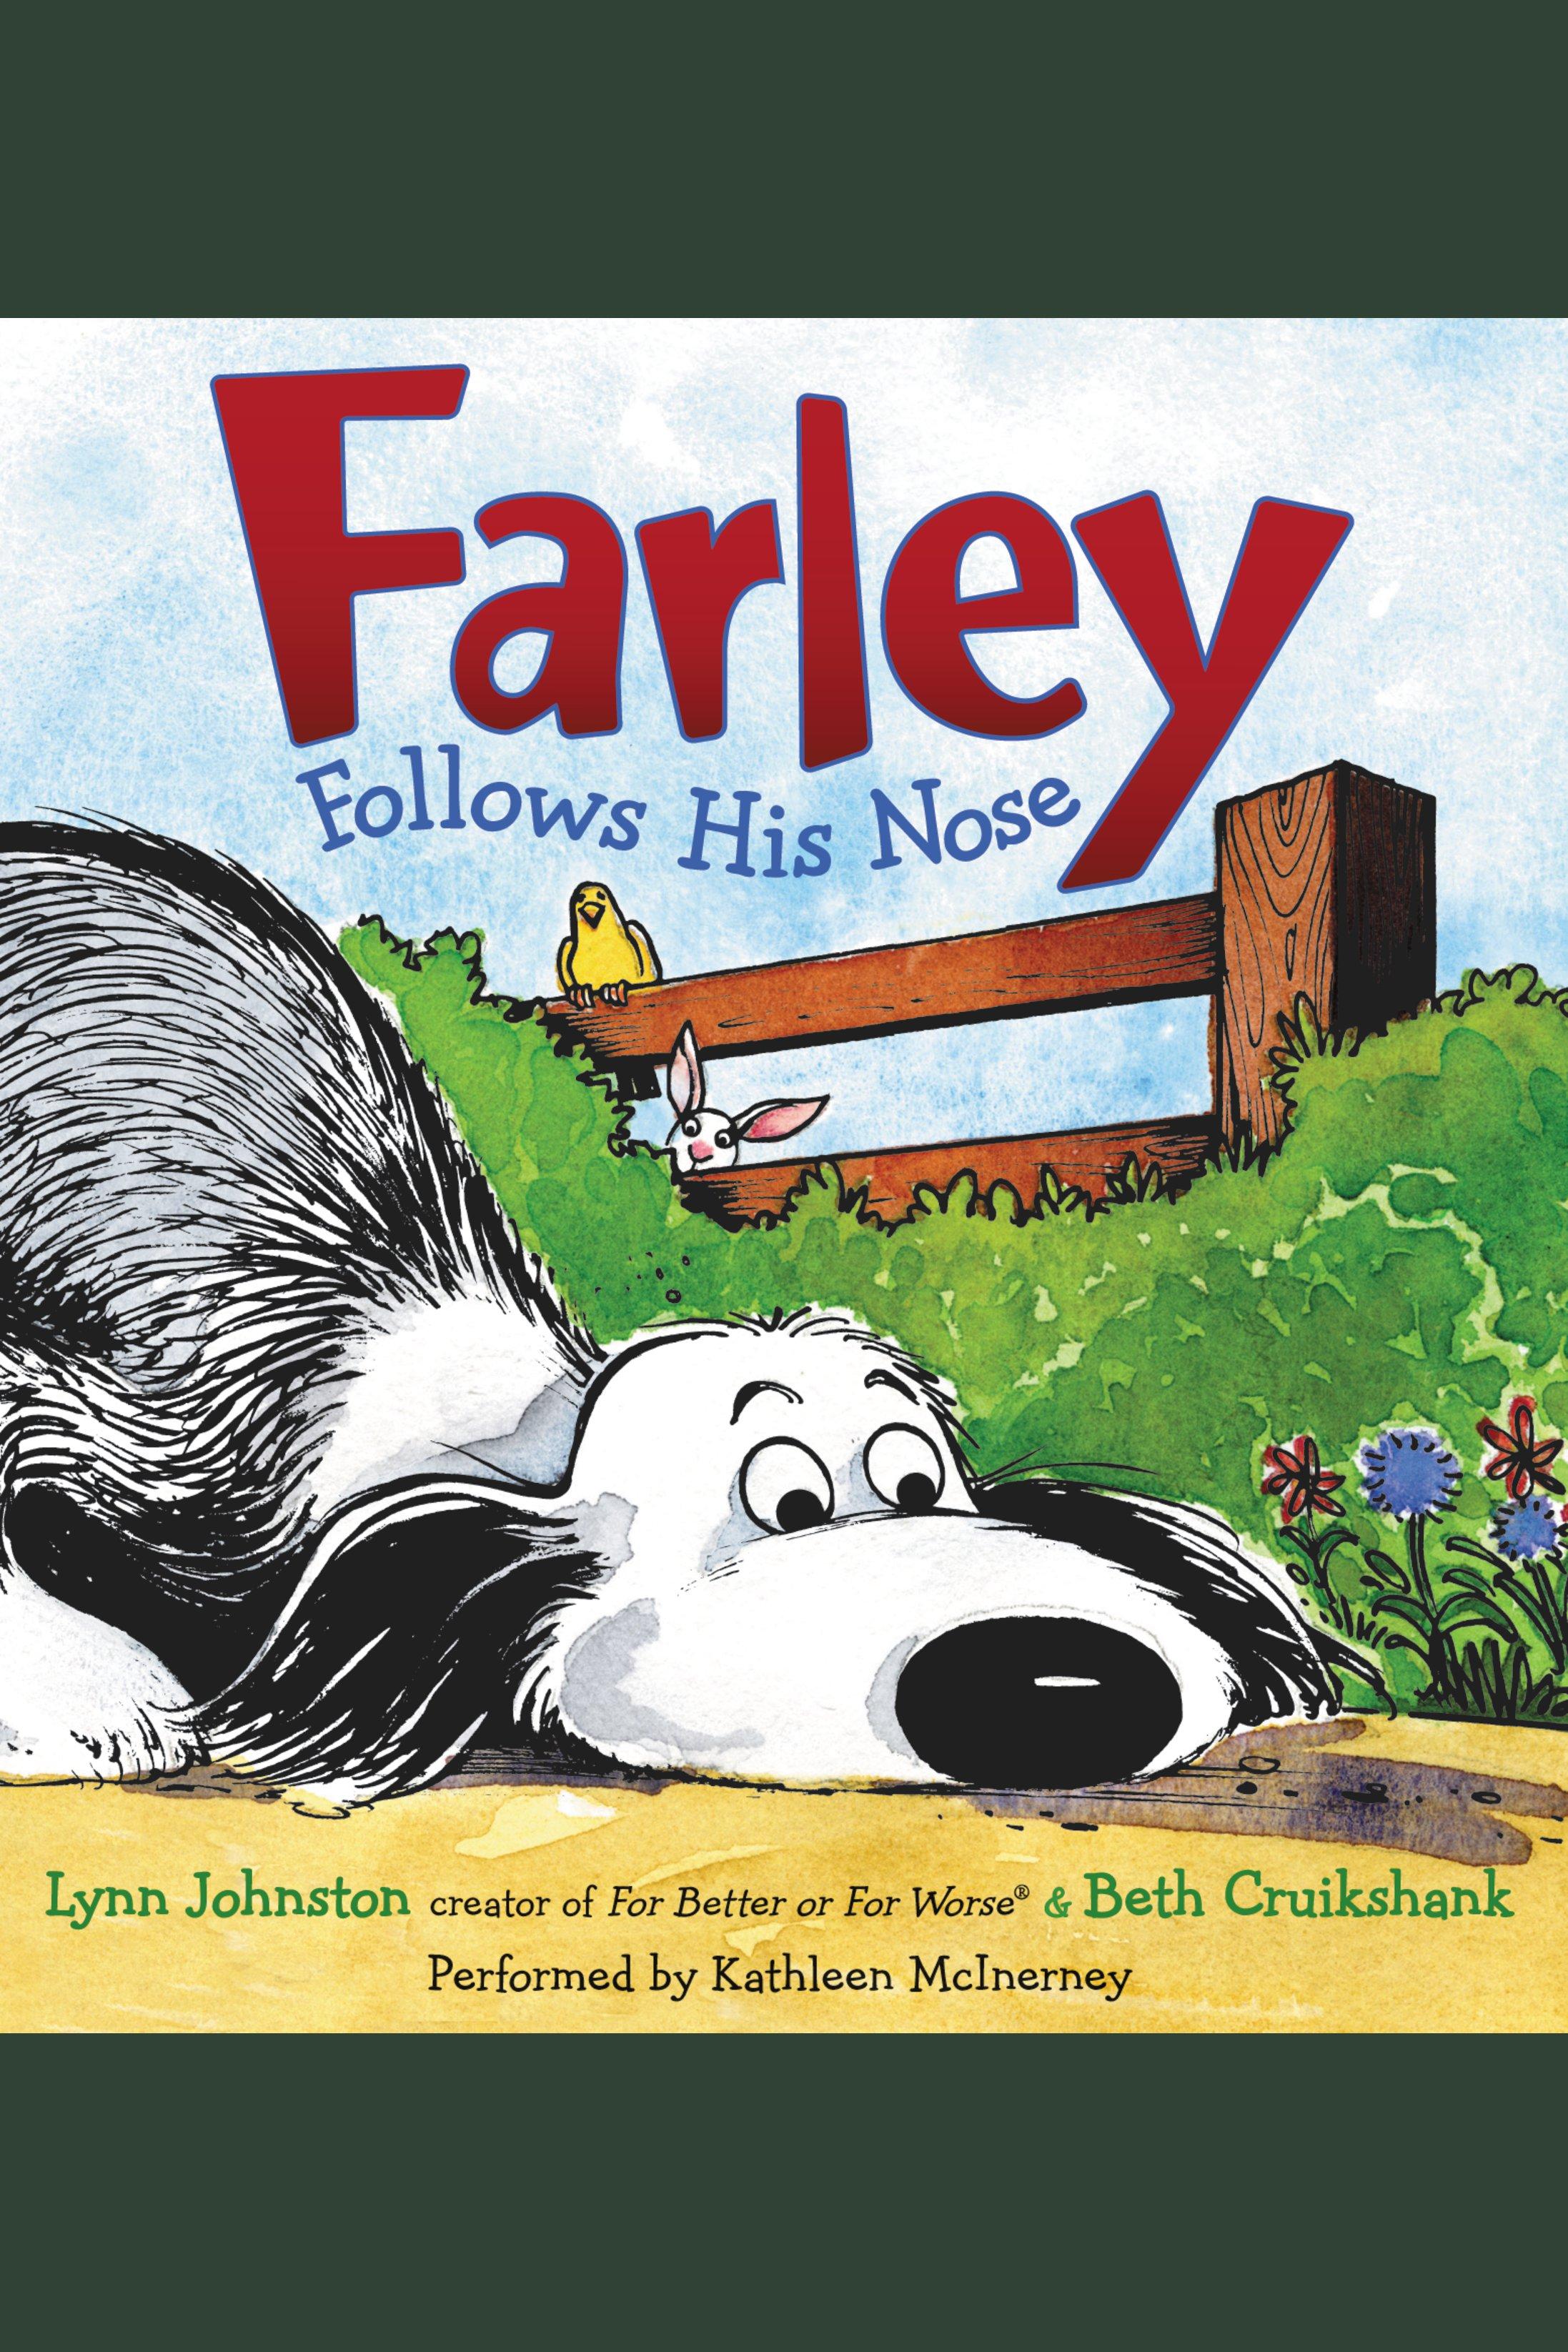 Farley Follows His Nose